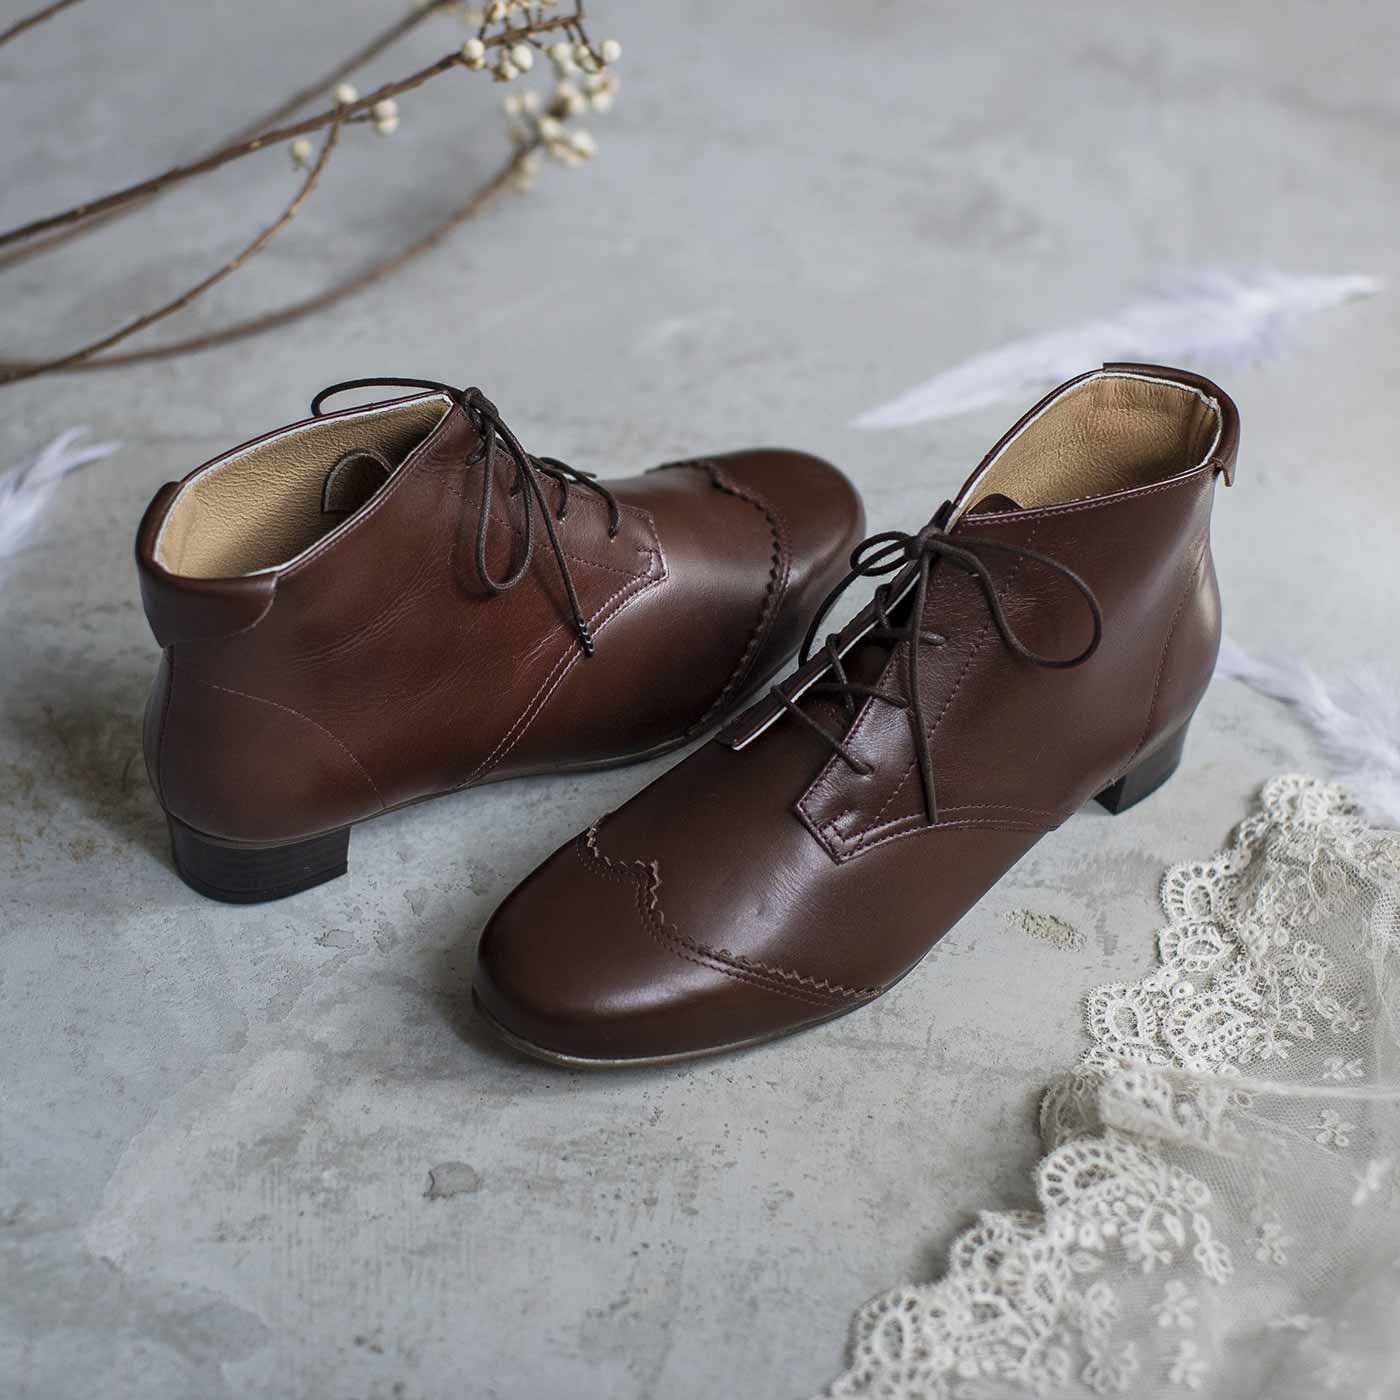 長田靴職人の本革仕立て 華麗なスワンブーツ〈ブラウン〉[本革 ブーツ:日本製]